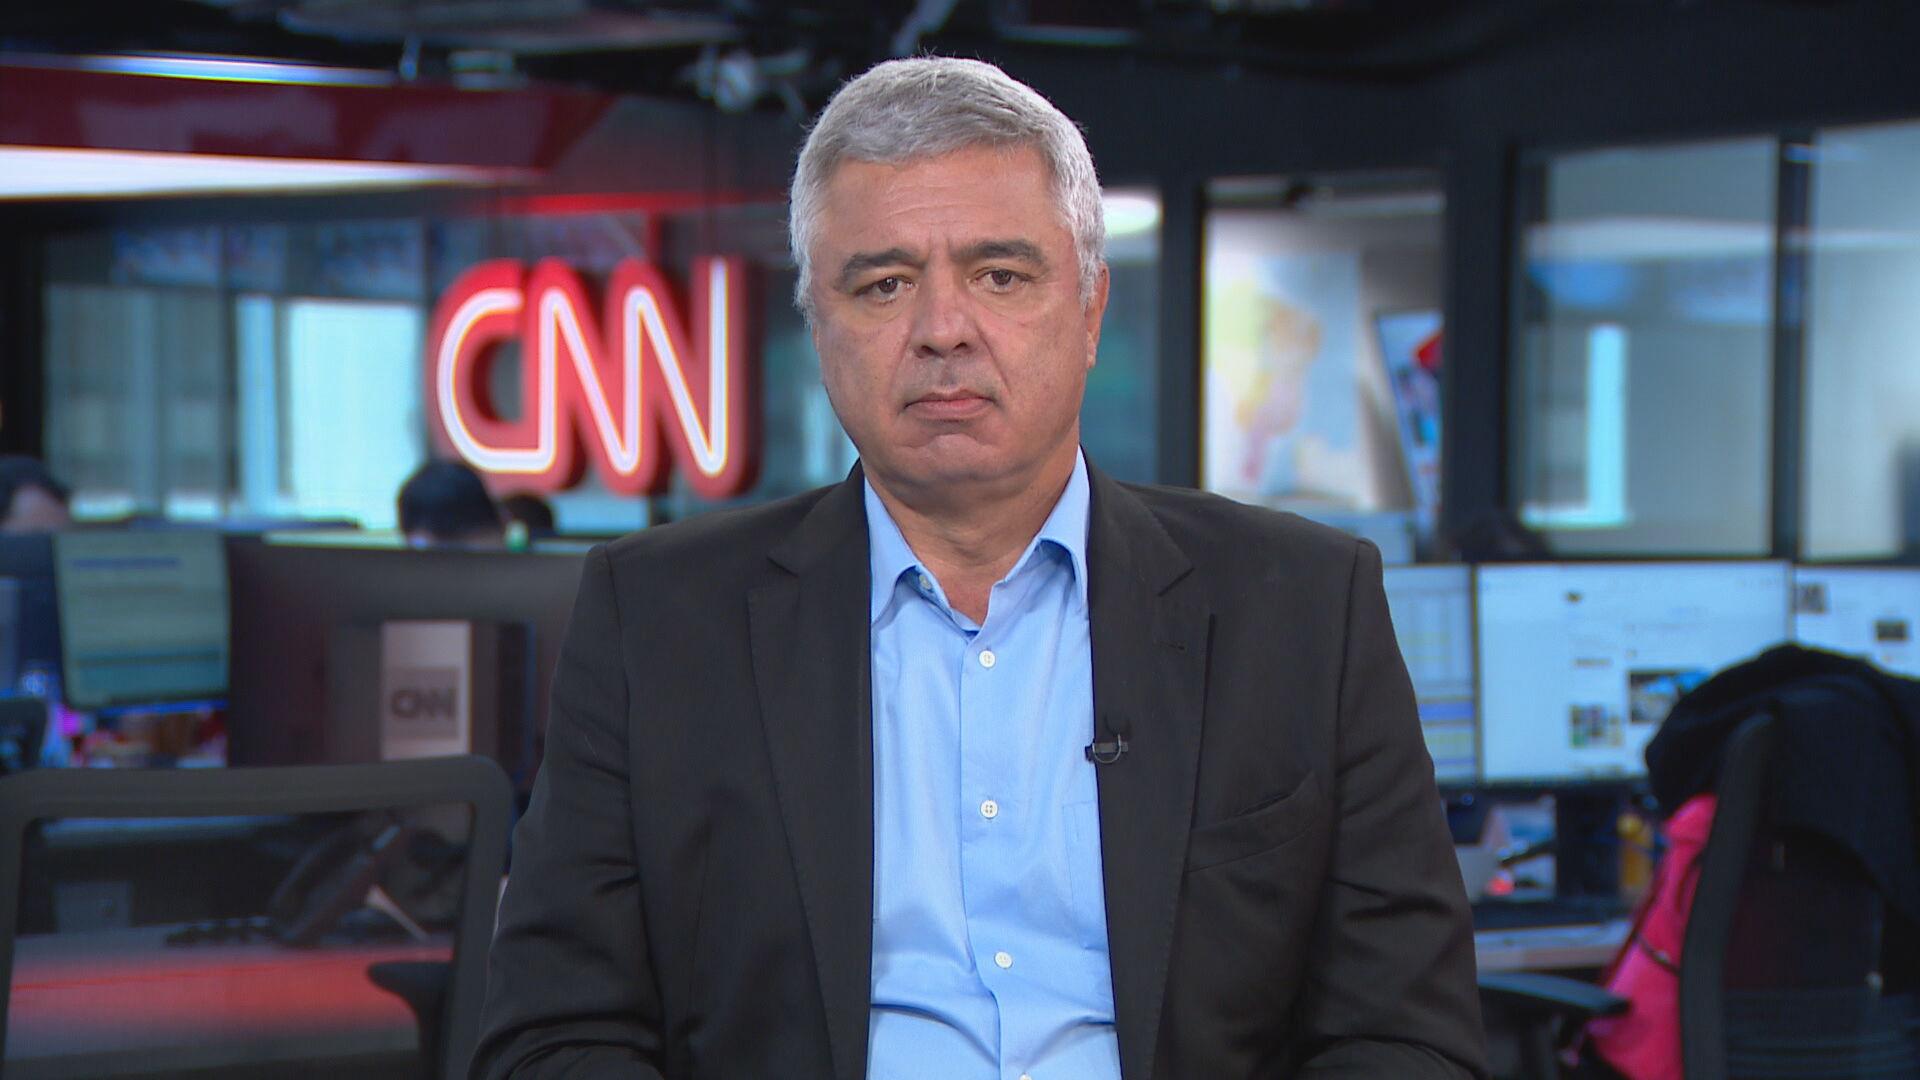 Major Olimpio em entrevista à CNN em maio de 2020